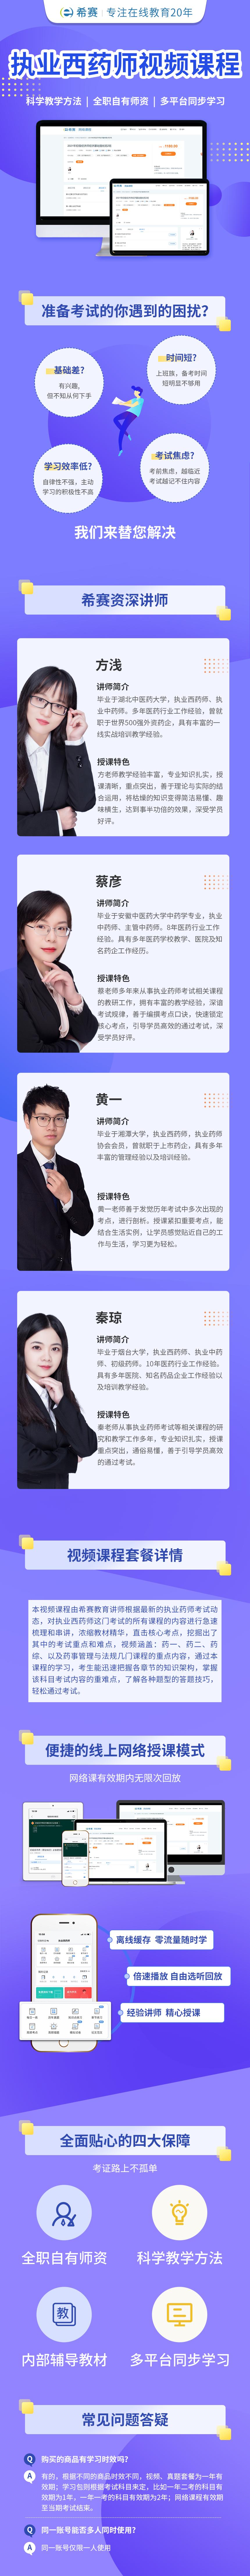 西药师课程详情页(1)(3).png